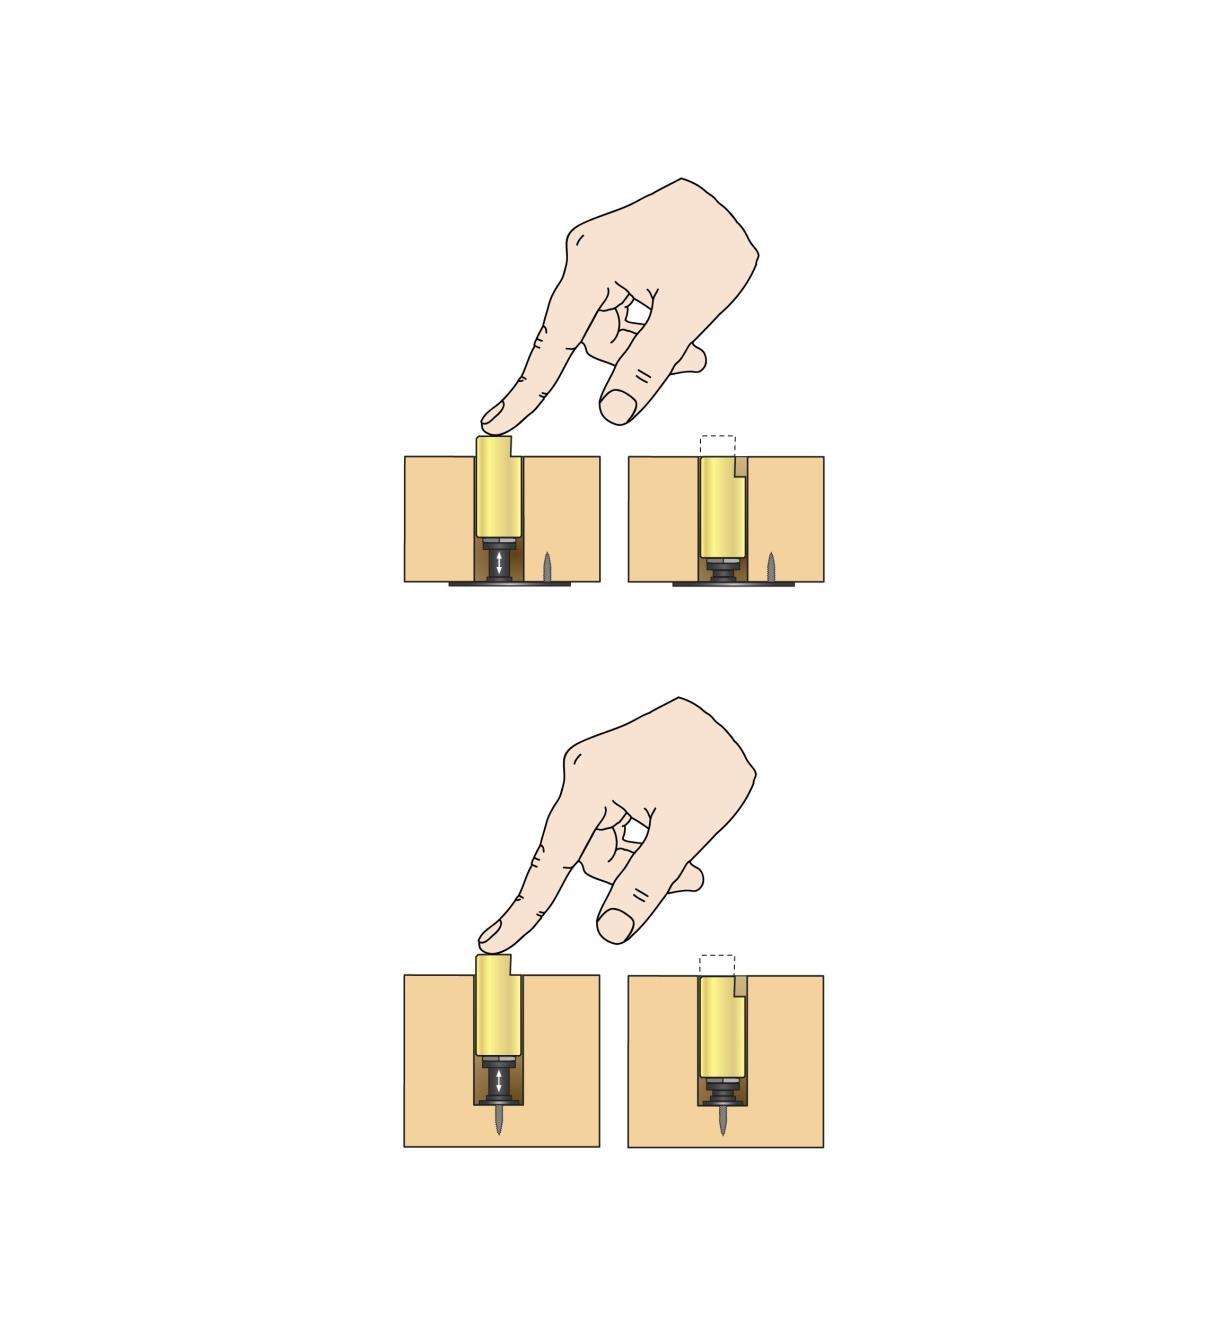 Illustration montrant un mentonnet-poussoir installé dans un trou traversant et dans un trou borgne, et sur lequel on appuie pour l'abaisser ou le faire remonter